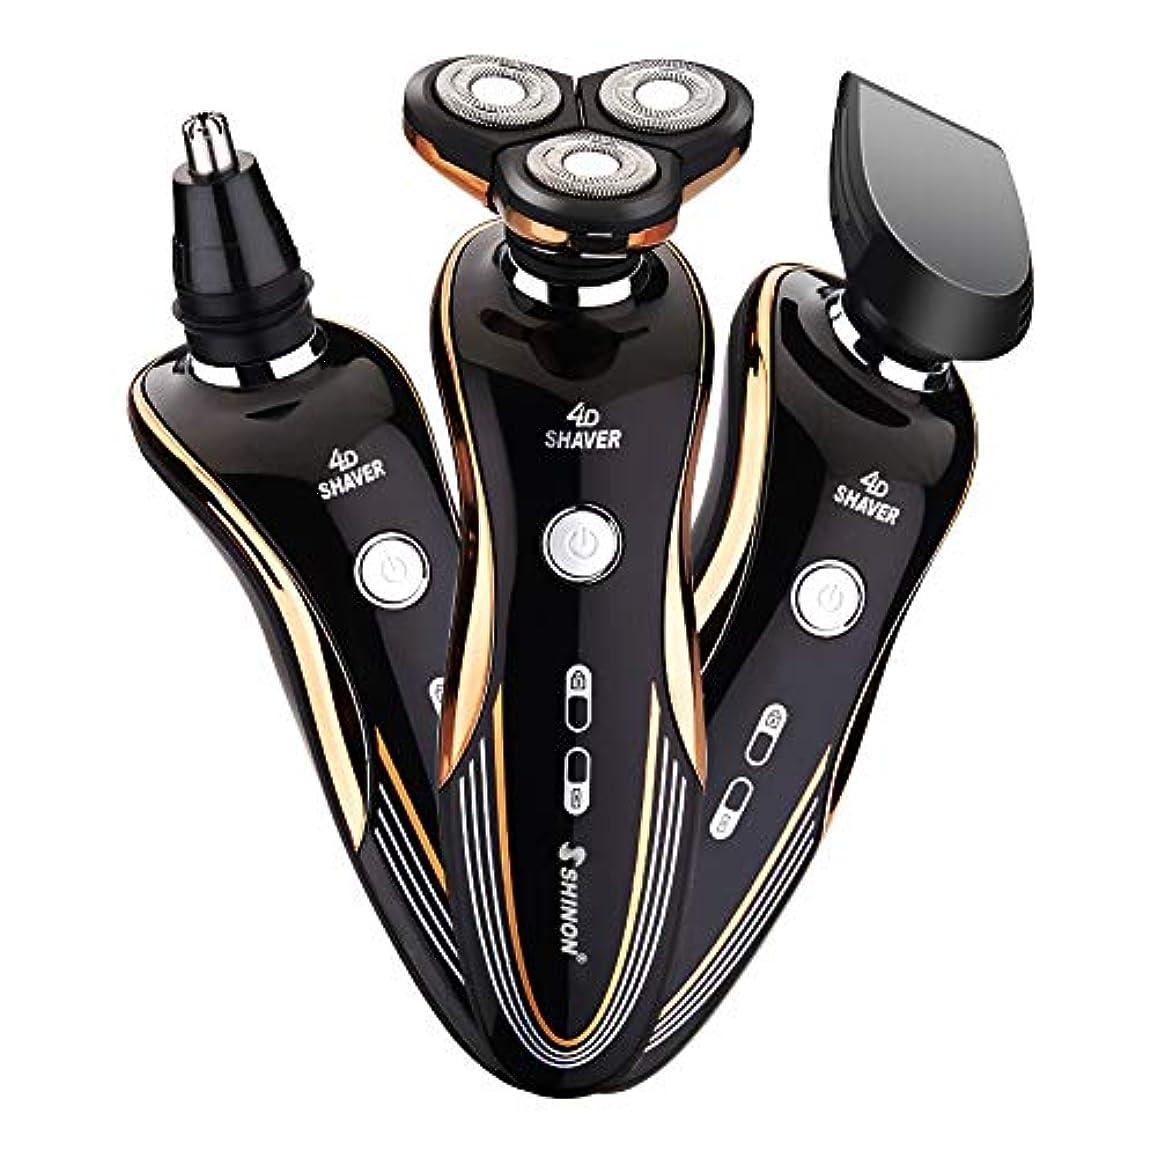 メンズ 電気シェーバー ひげそり 電気カミソリ 回転式 3枚刃 USB充電式 IPX7防水 お風呂剃り